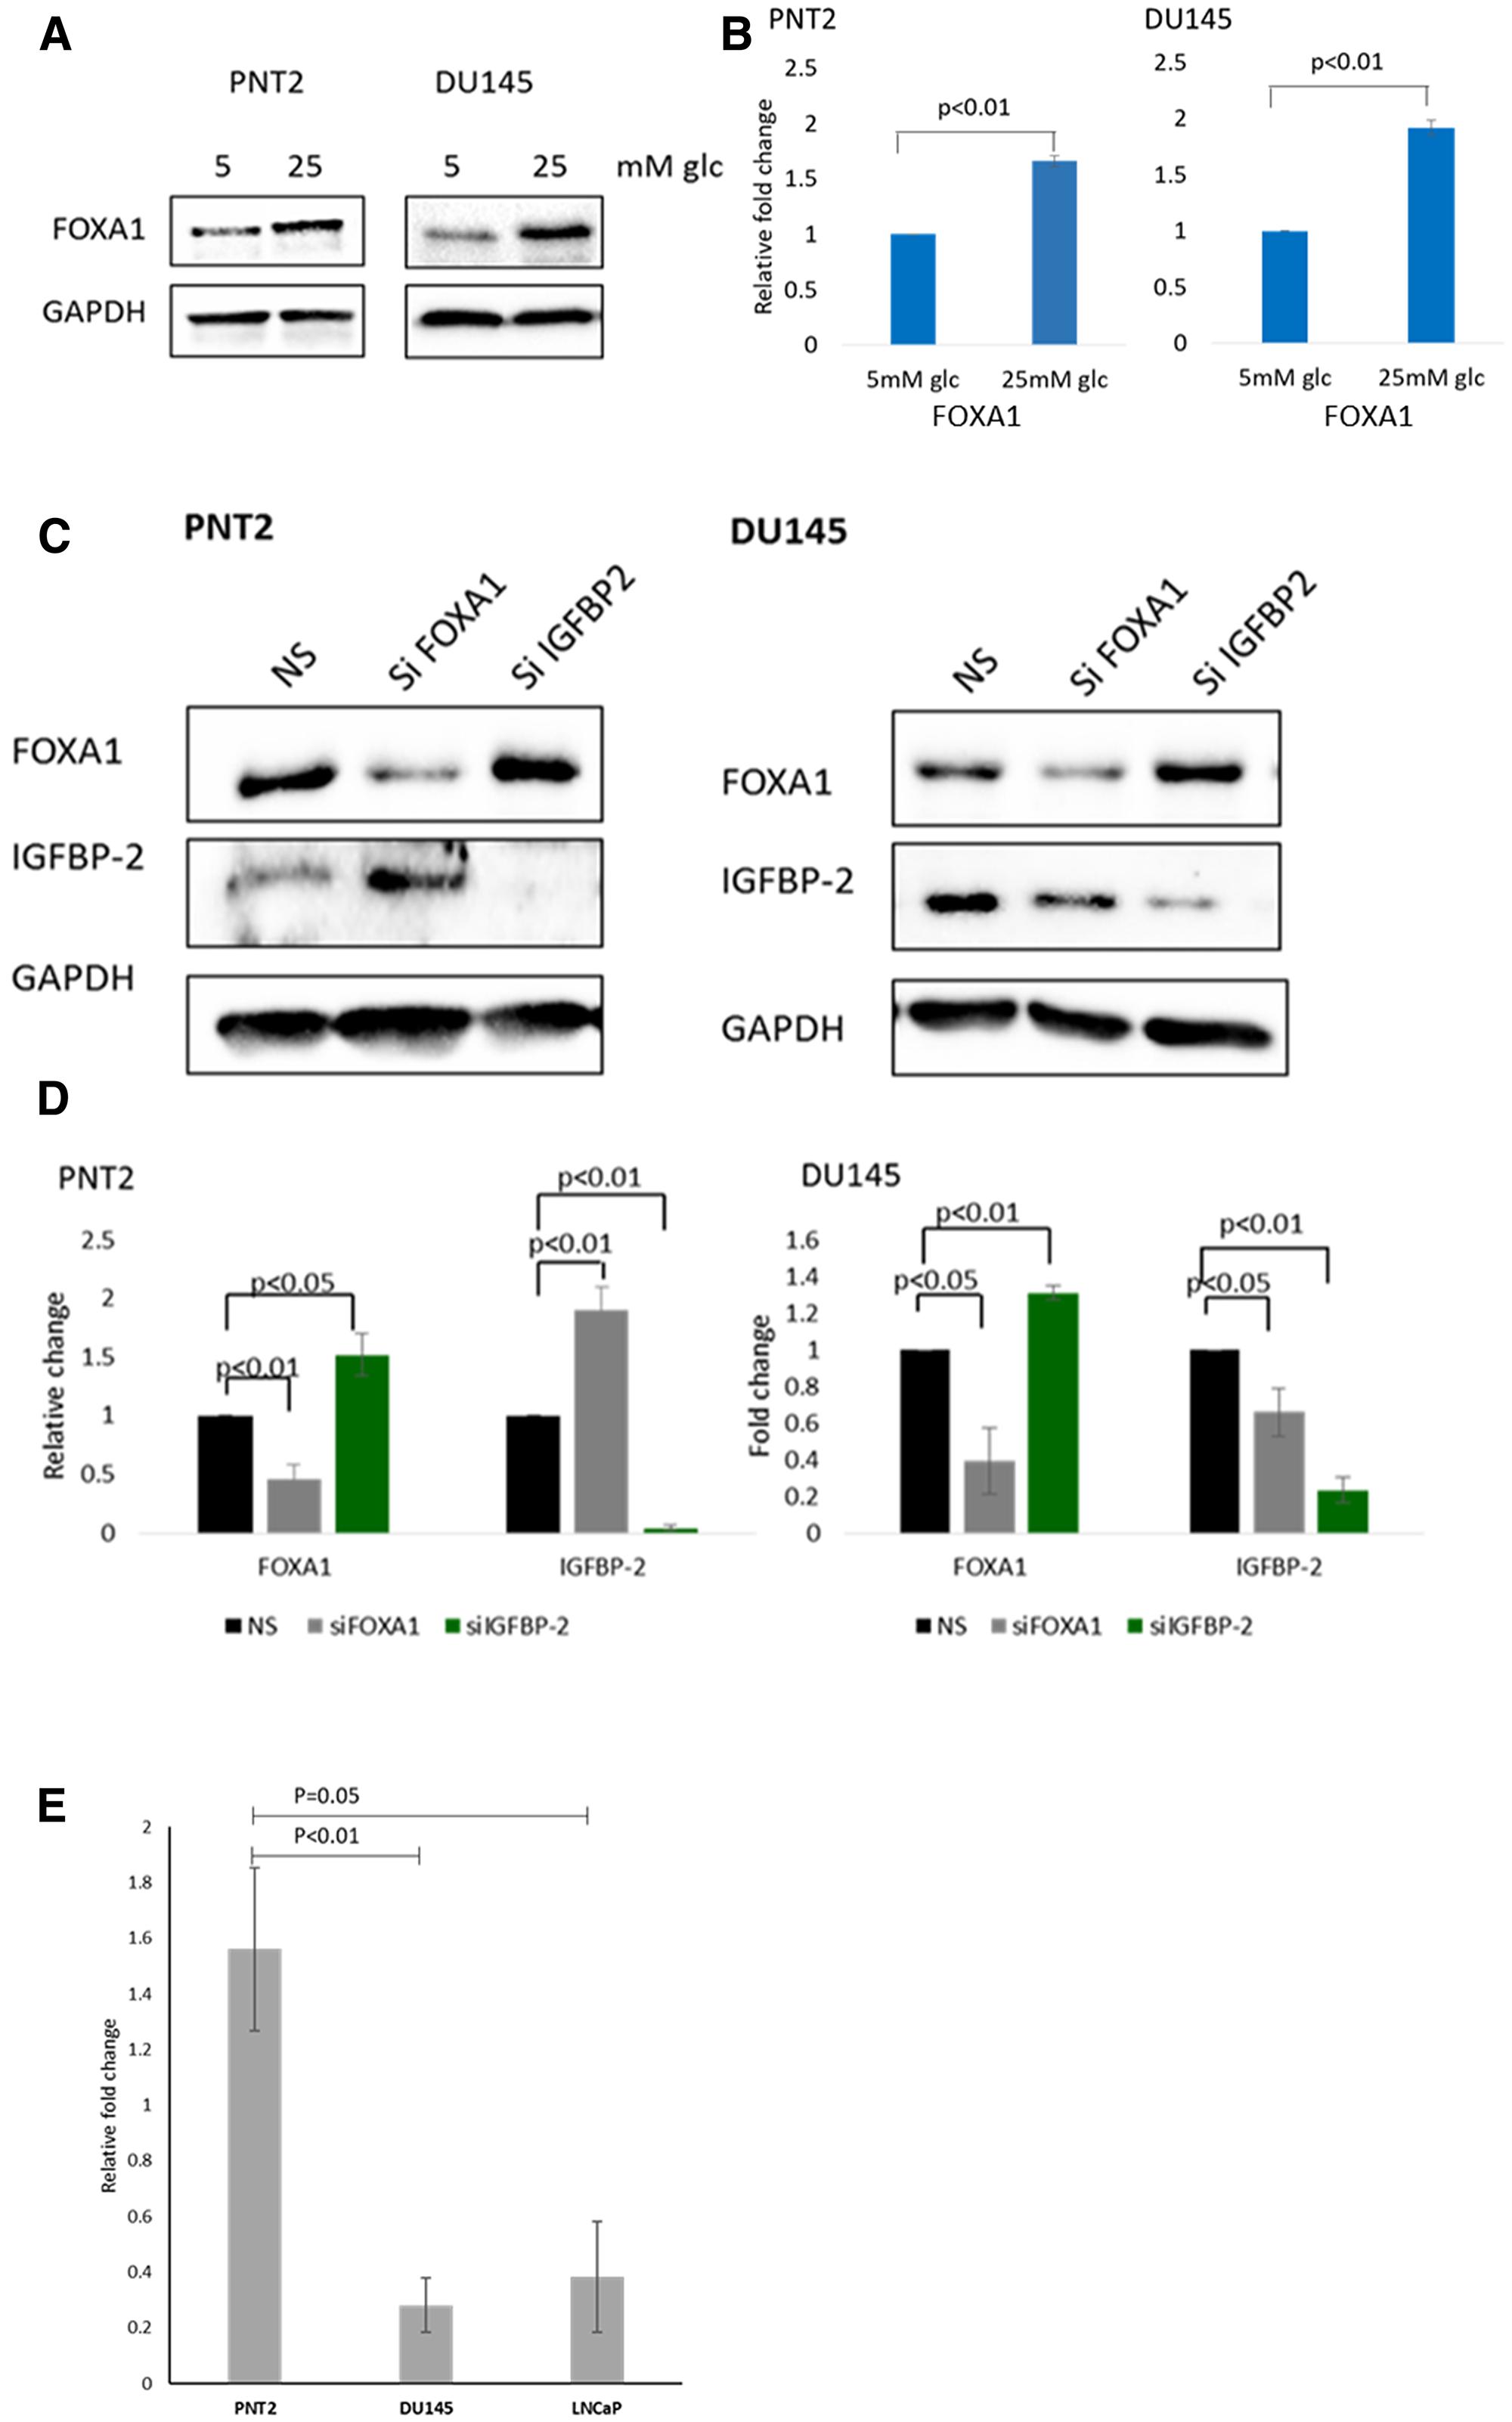 Association between IGFBP-2 and FOXA1.